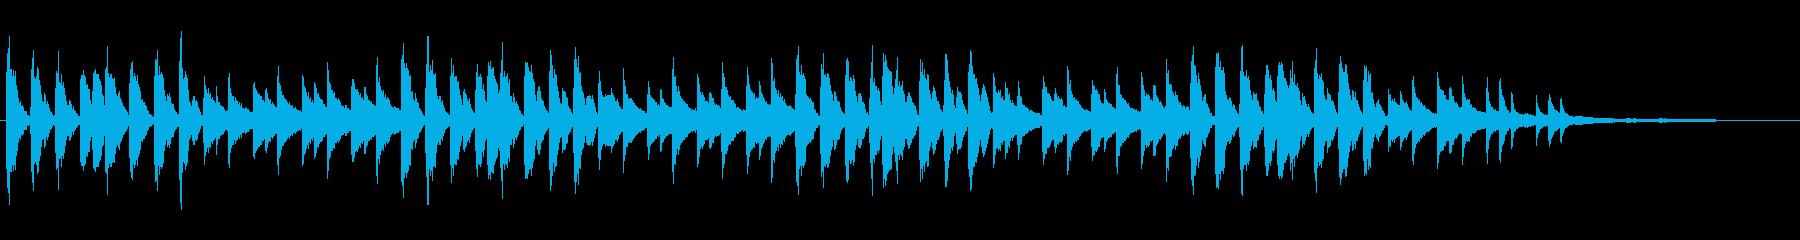 ホラー風ピアノBGMの再生済みの波形